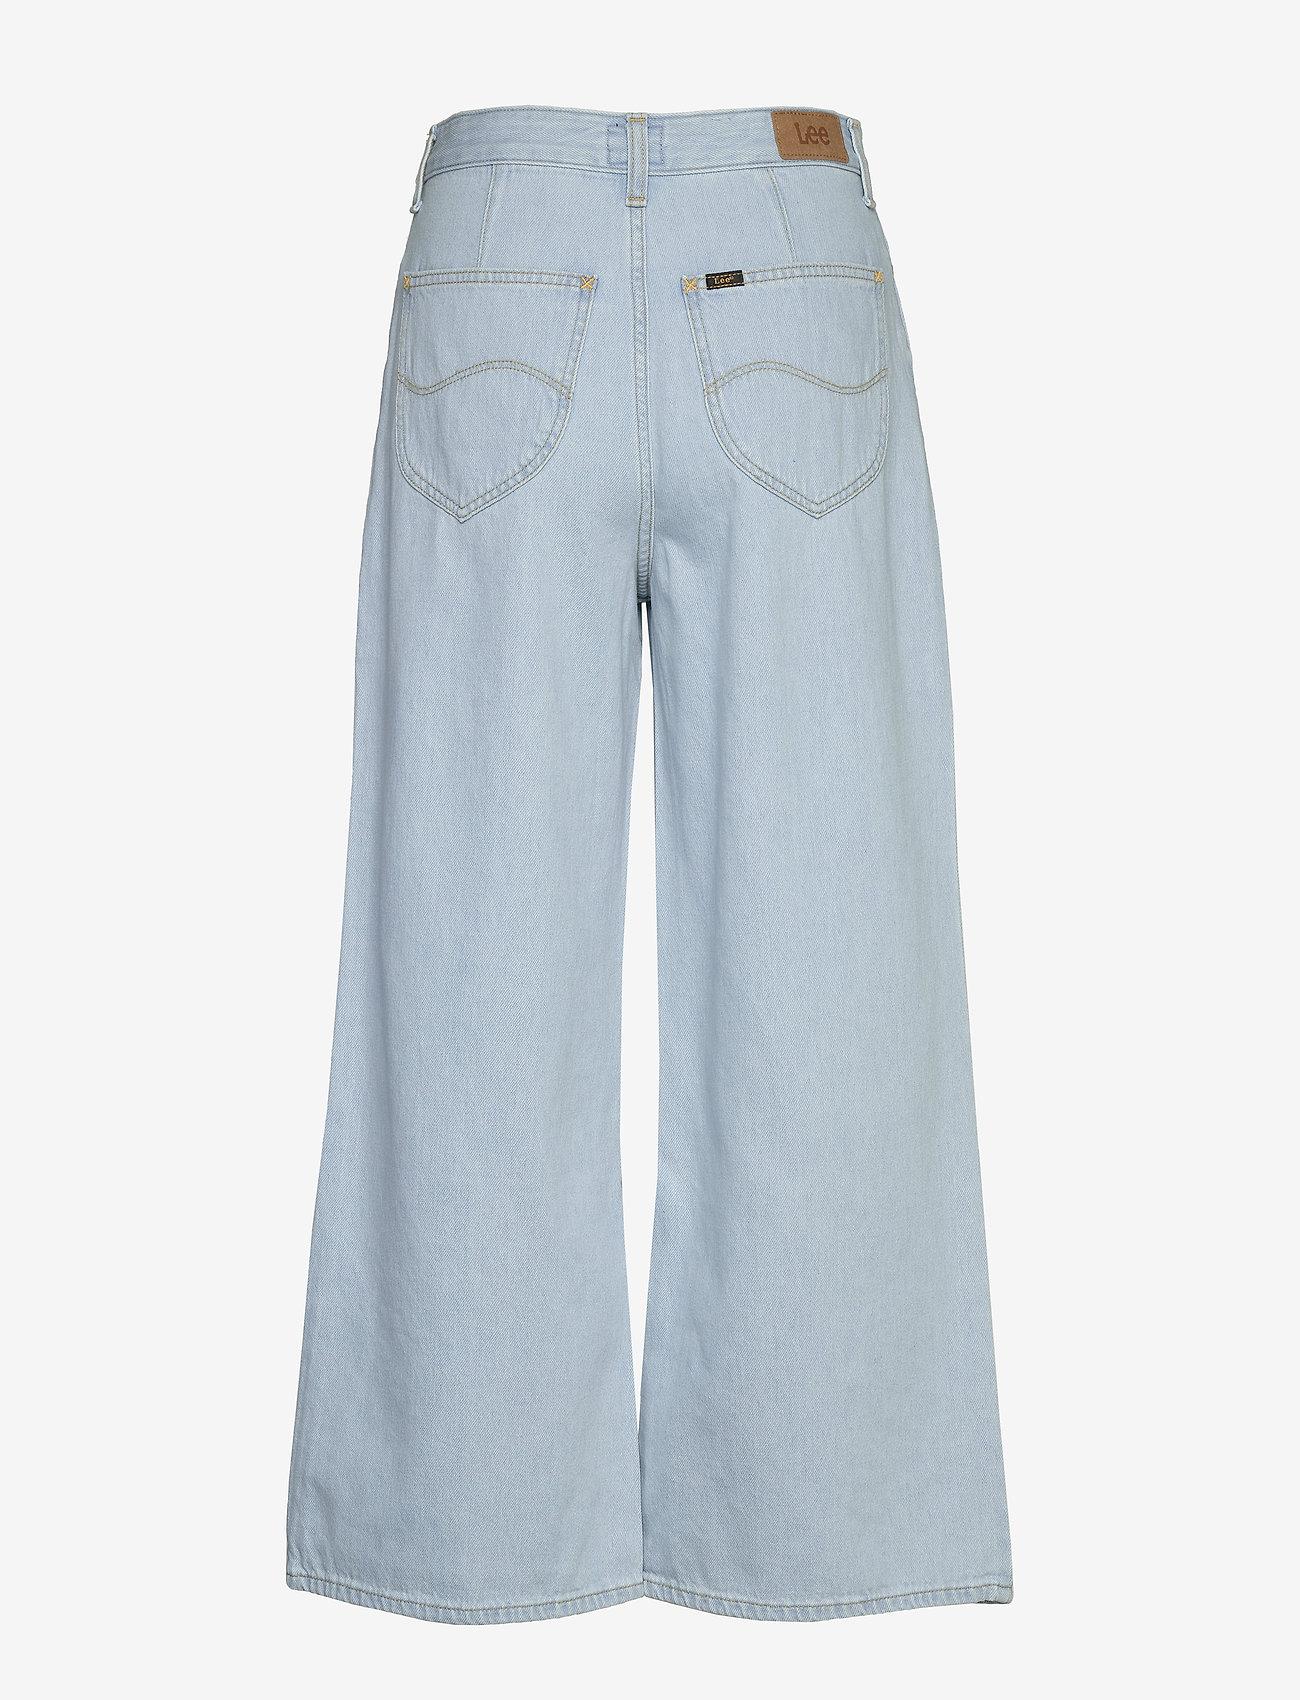 Lee Jeans - CROPPED A LINE FLARE - broeken met wijde pijpen - bleached ore - 1